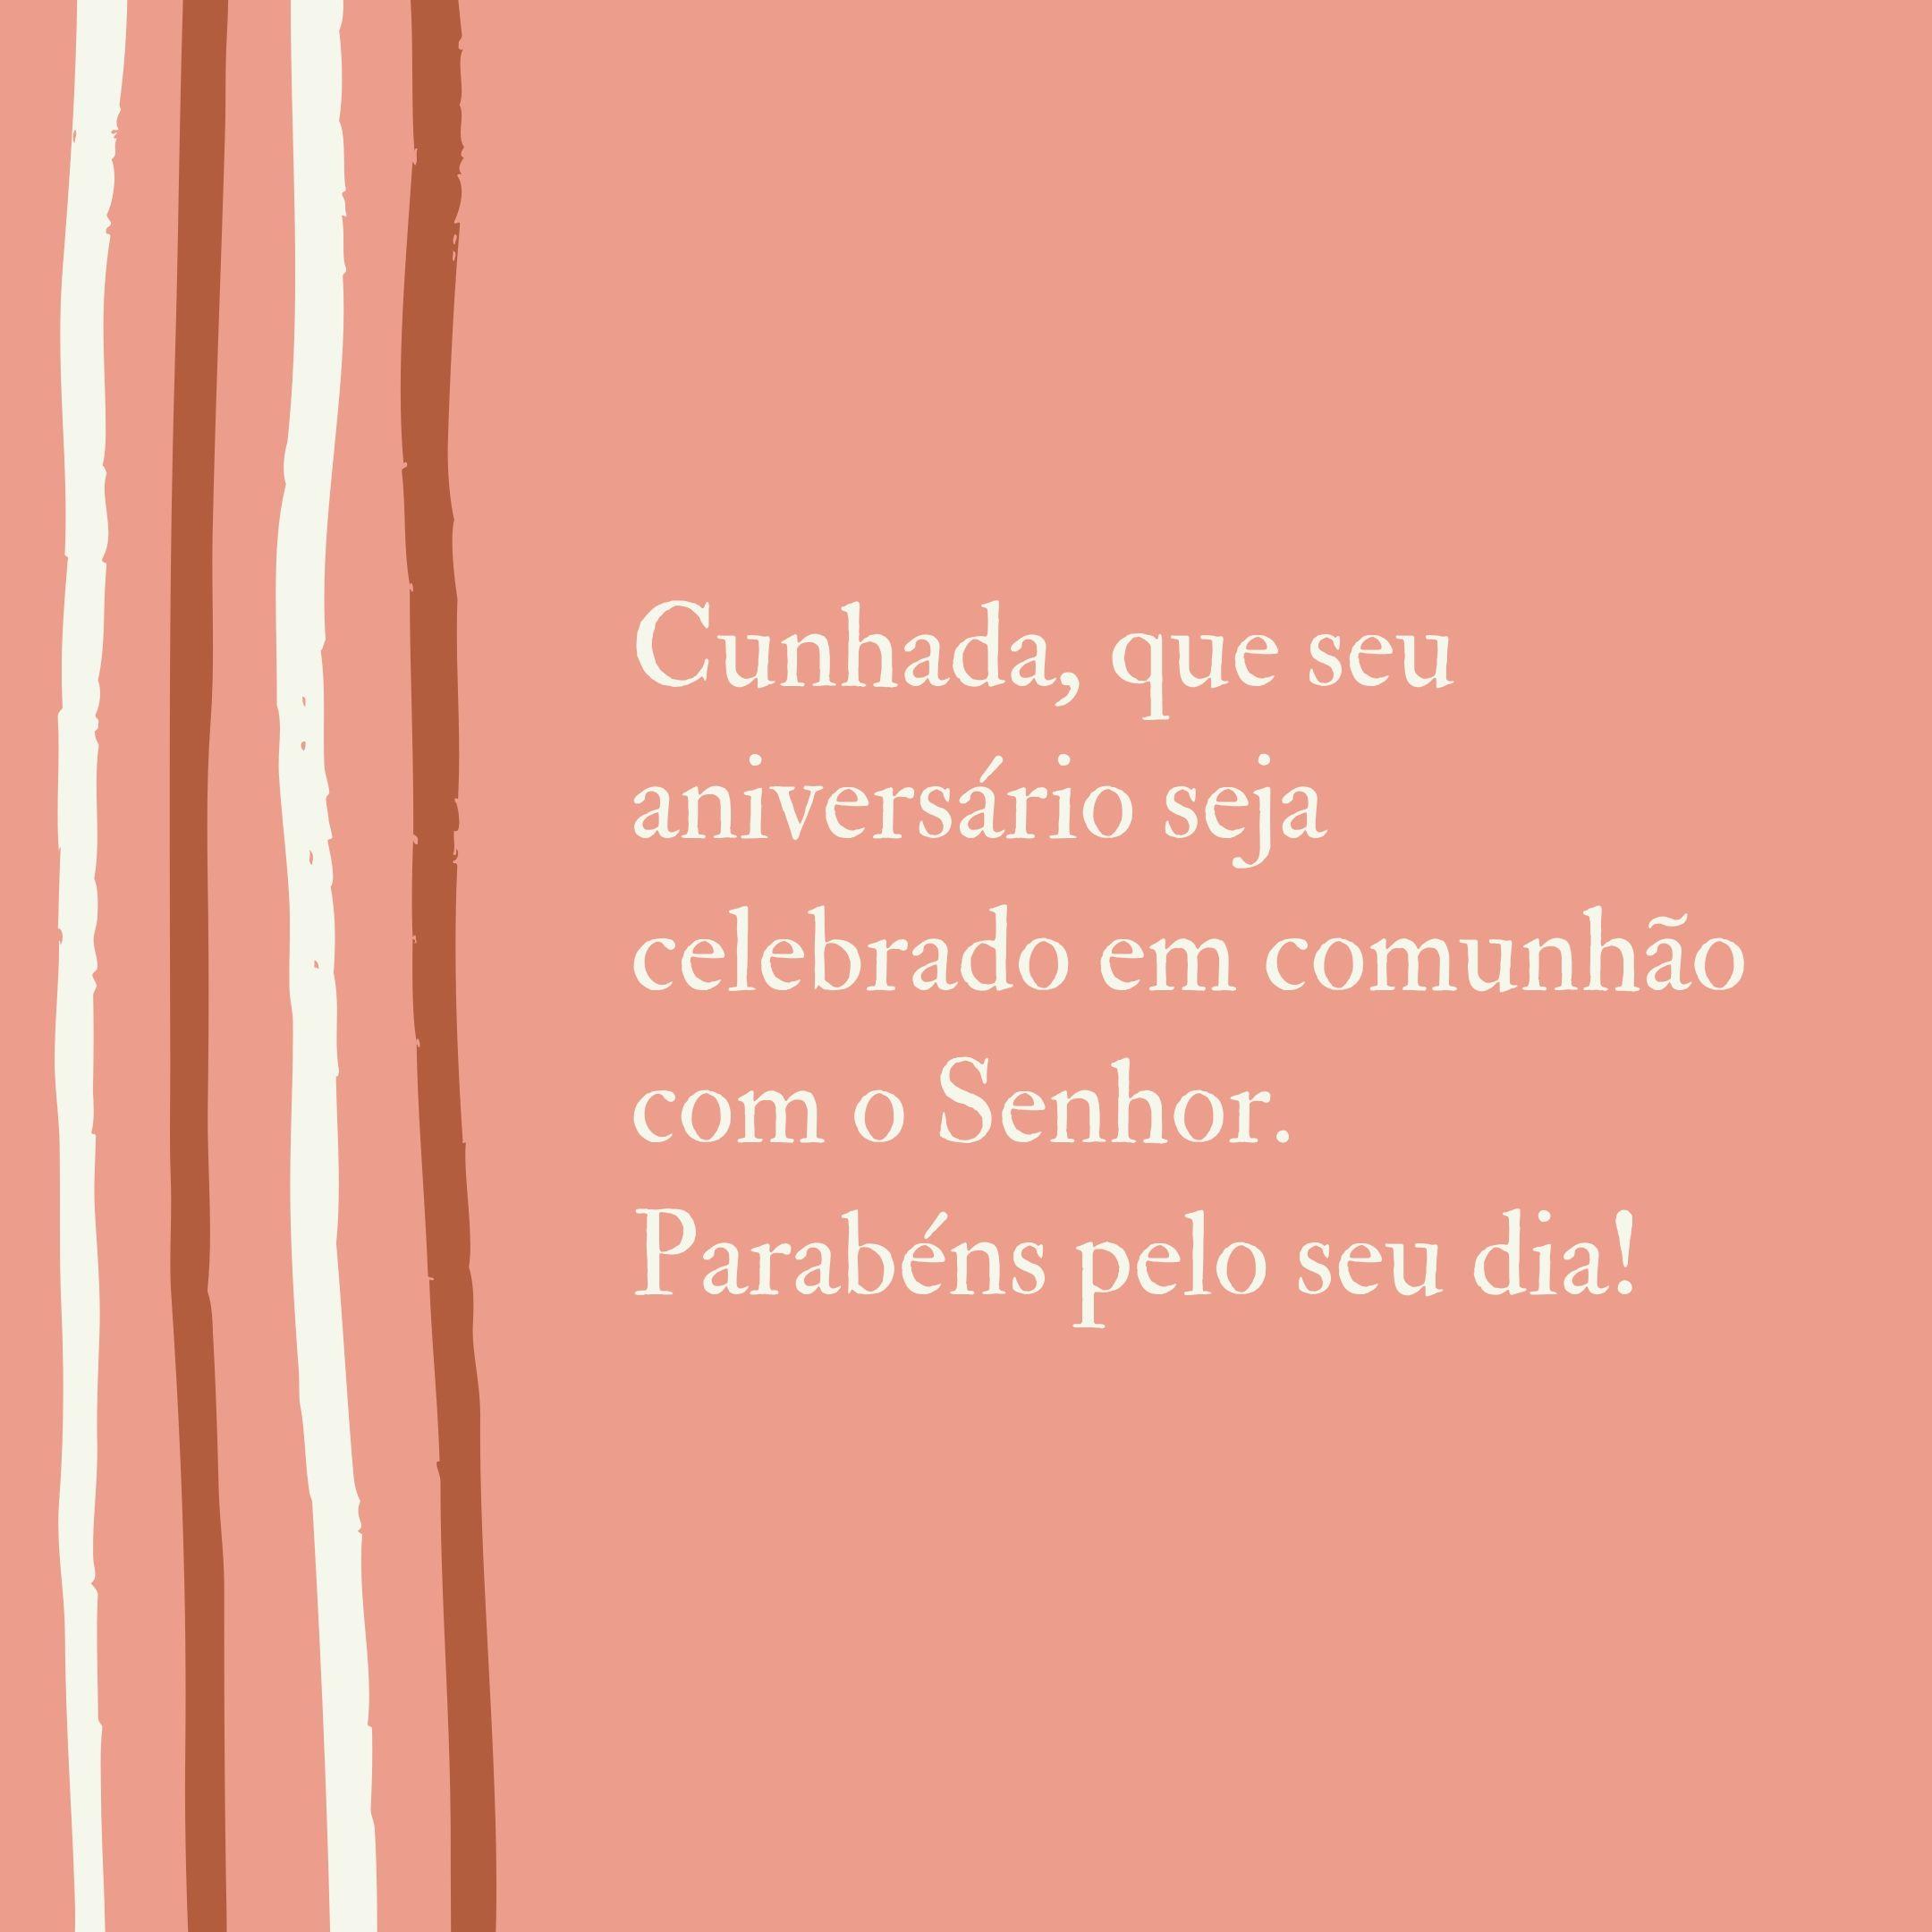 Cunhada, que seu aniversário seja celebrado em comunhão com o Senhor. Parabéns pelo seu dia!